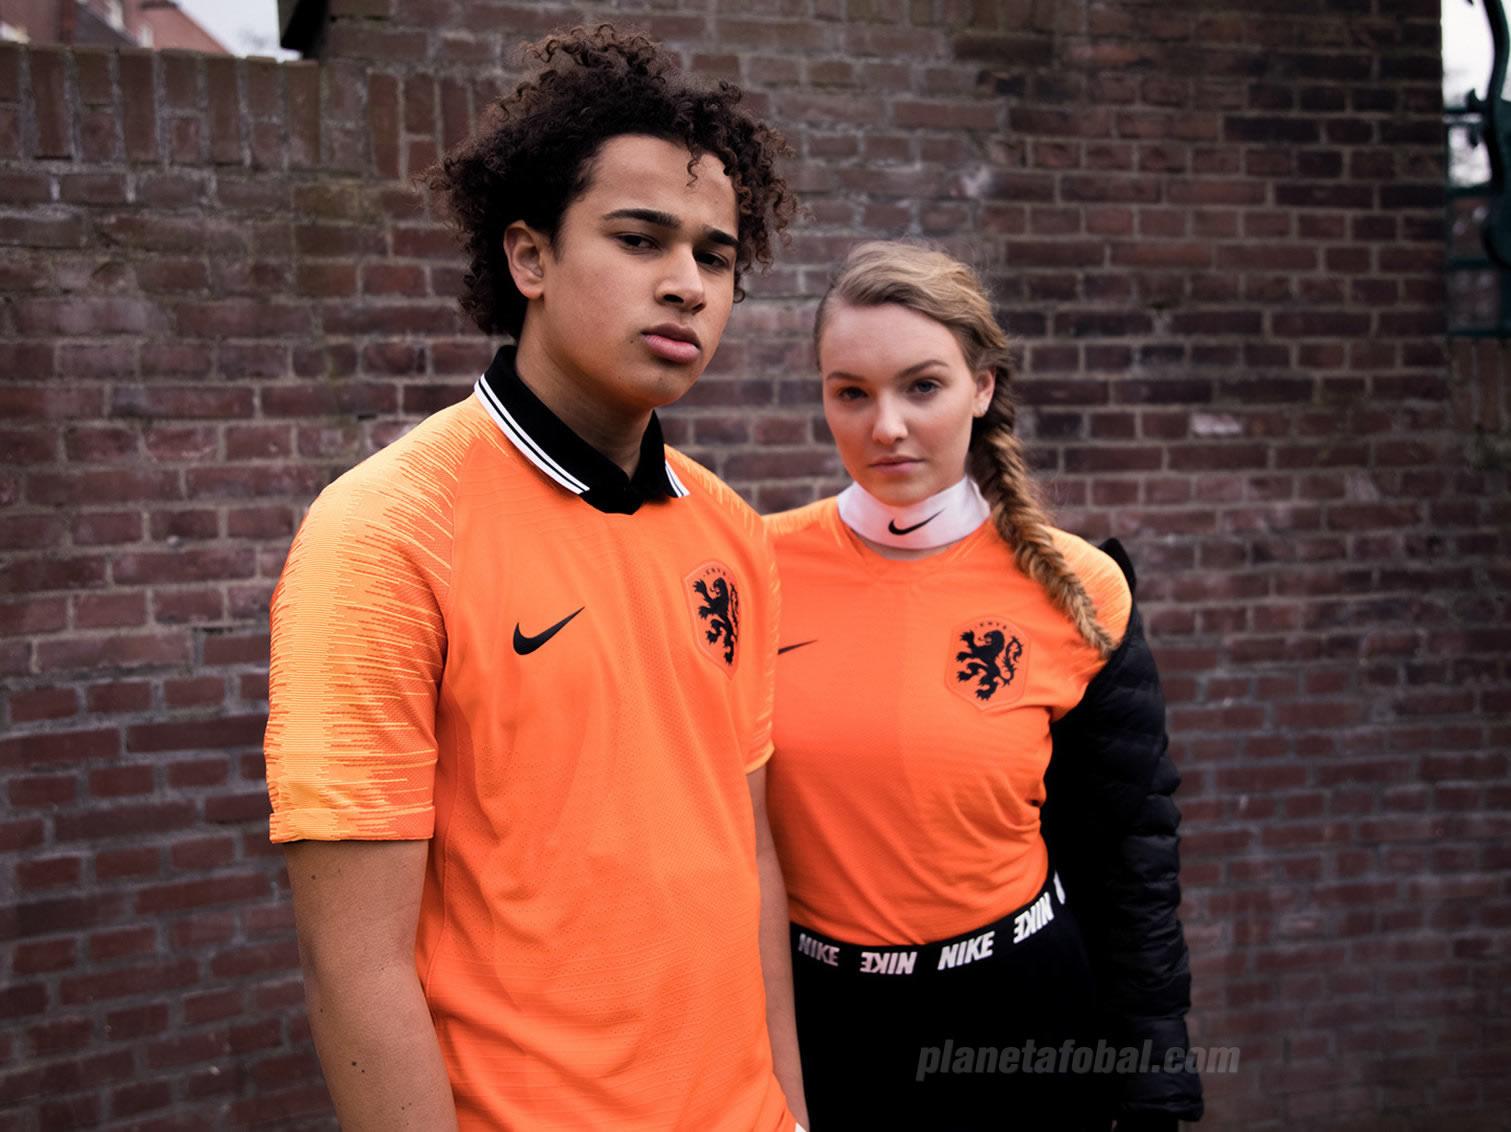 Holanda Camisetas Nike Holanda De De Nike 20182019 Camisetas Nike 20182019 Camisetas c5jqRL34A